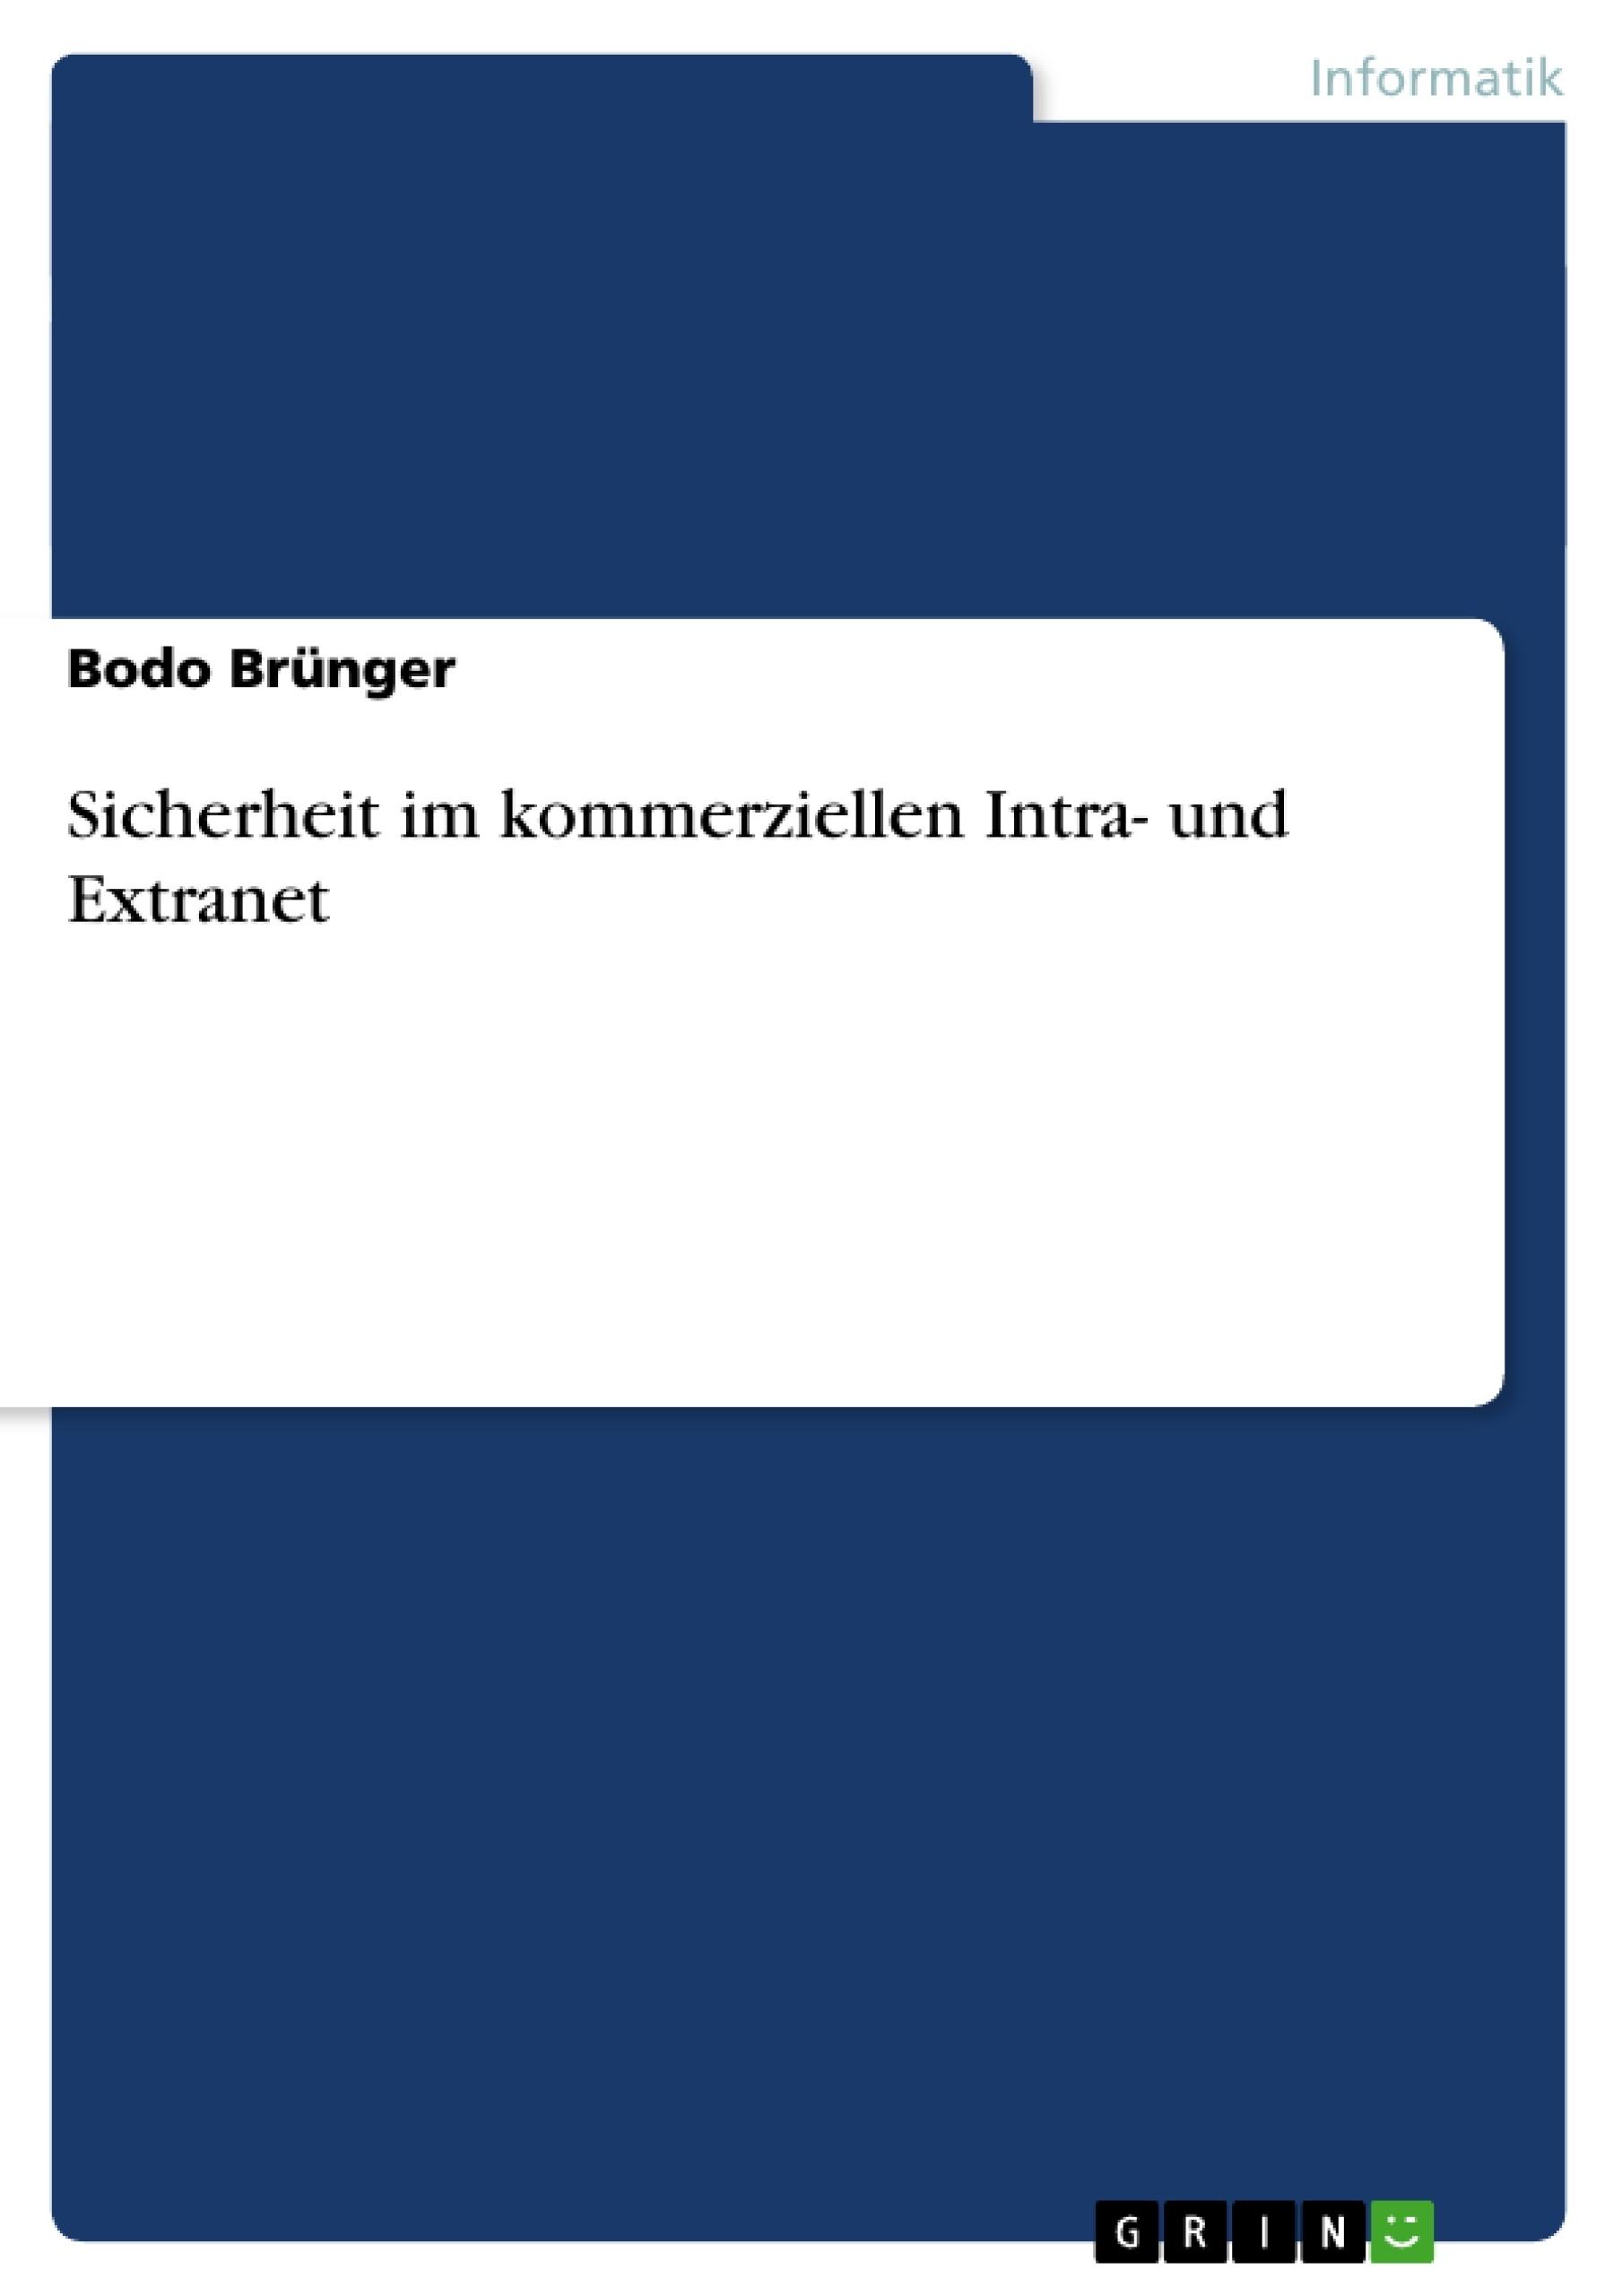 Titel: Sicherheit im kommerziellen Intra- und Extranet